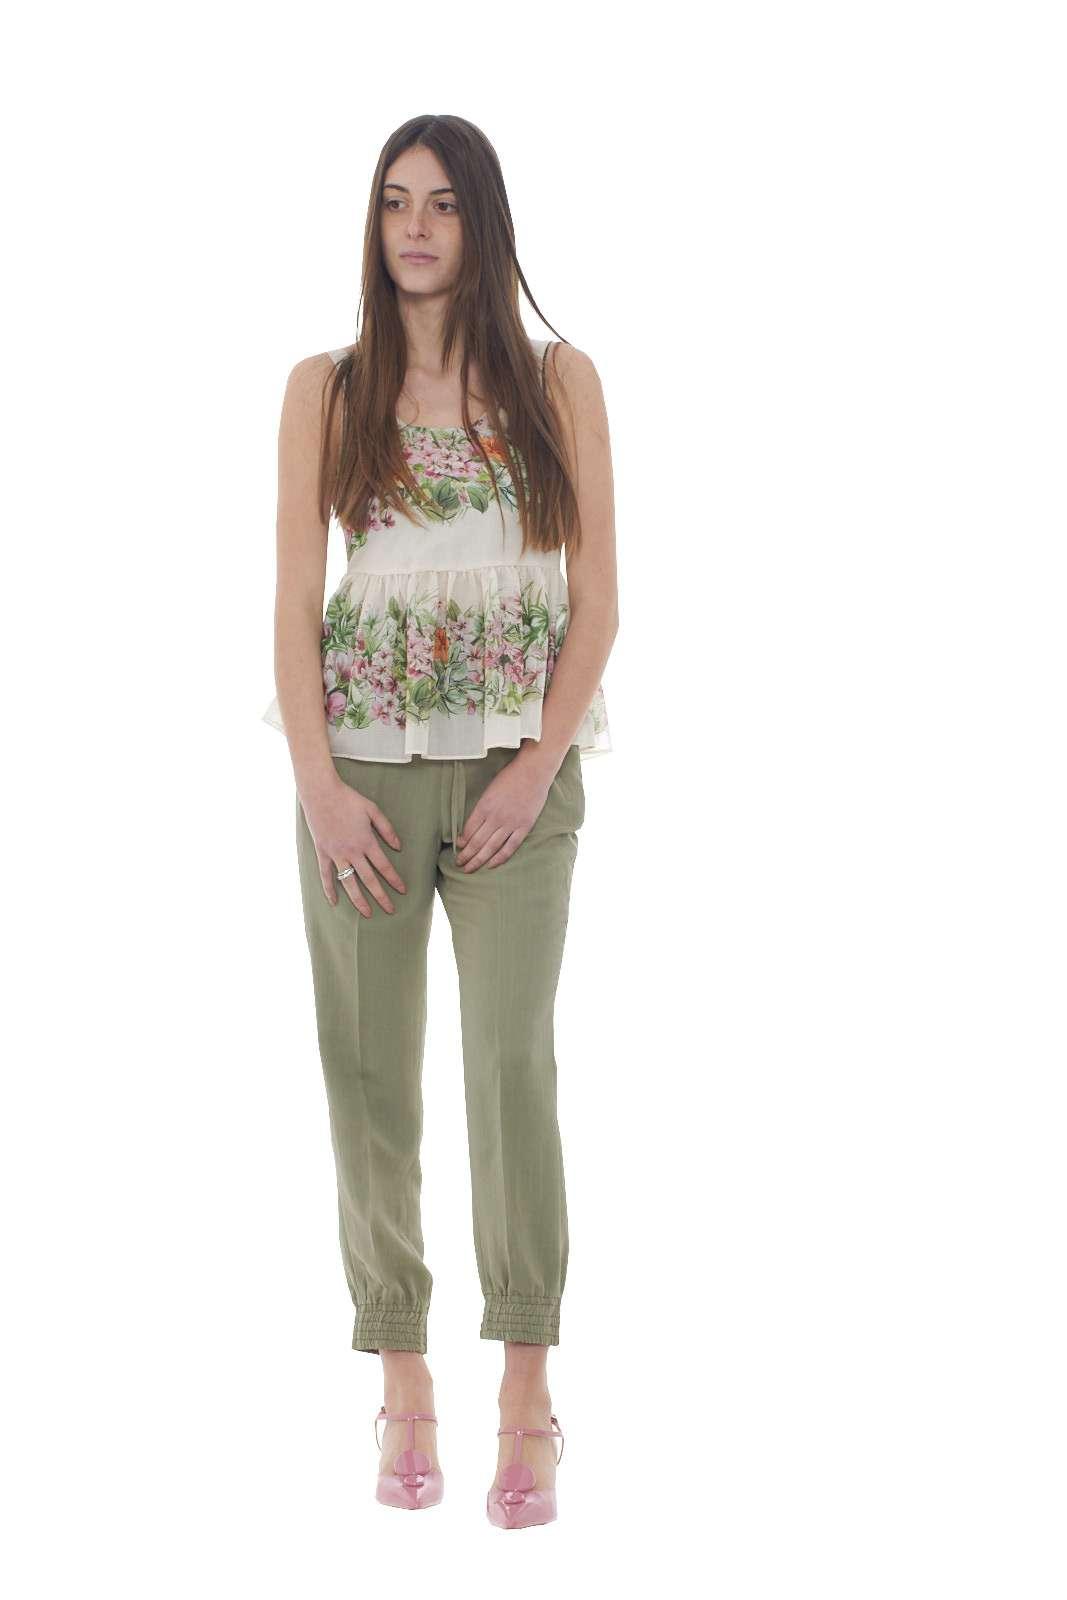 https://www.parmax.com/media/catalog/product/a/i/PE-outlet_parmax-top-donna-TwinSet-201TT2480-D.jpg